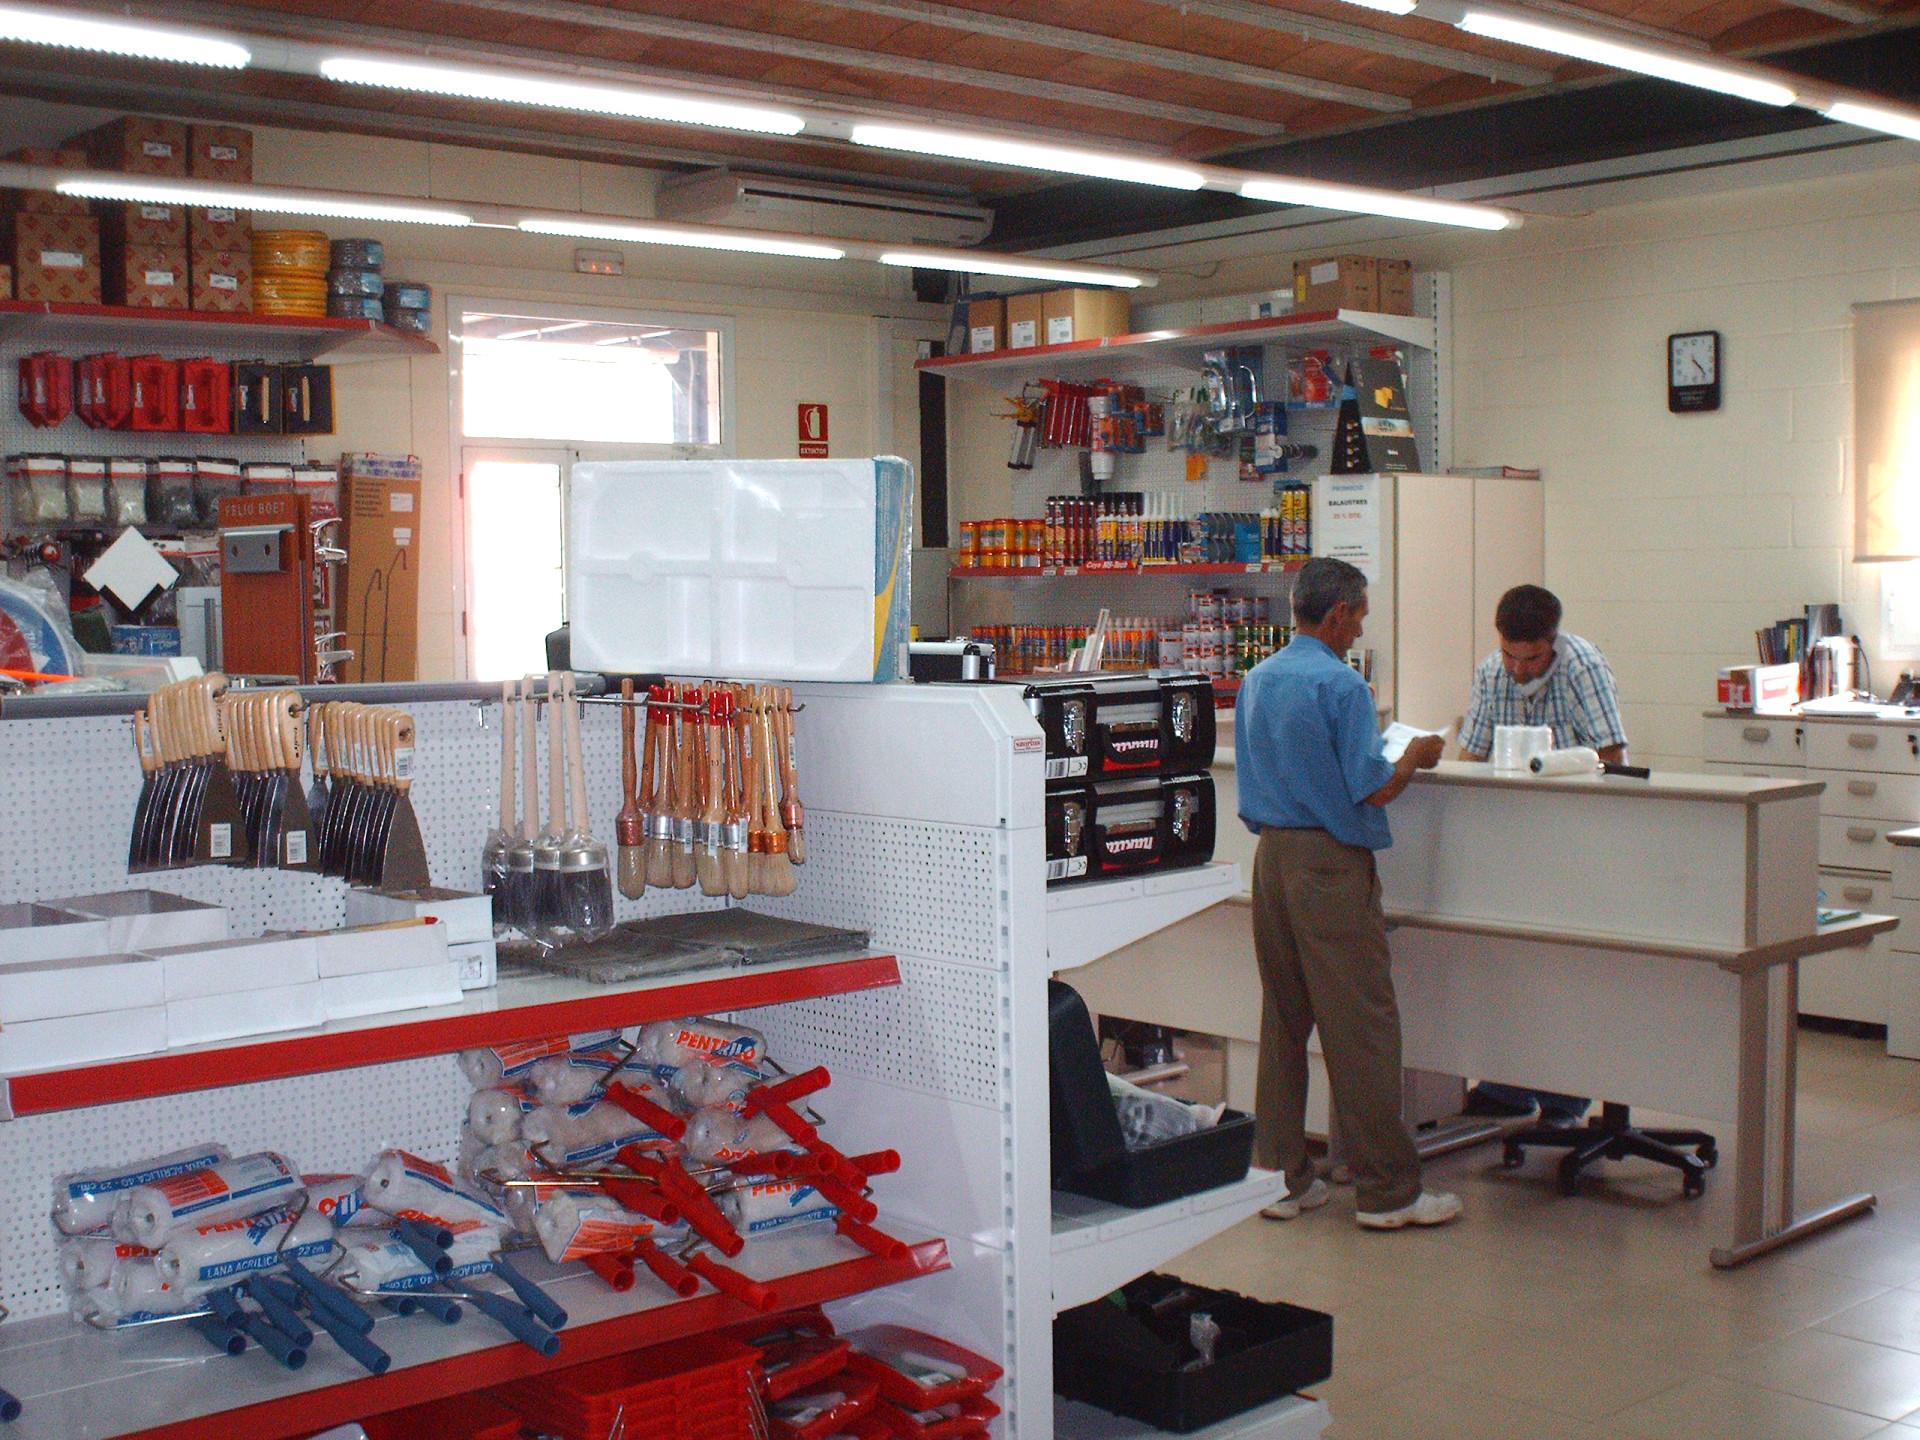 Servei d'assessorament del magatzem de la construcció Materials de l'Anoia